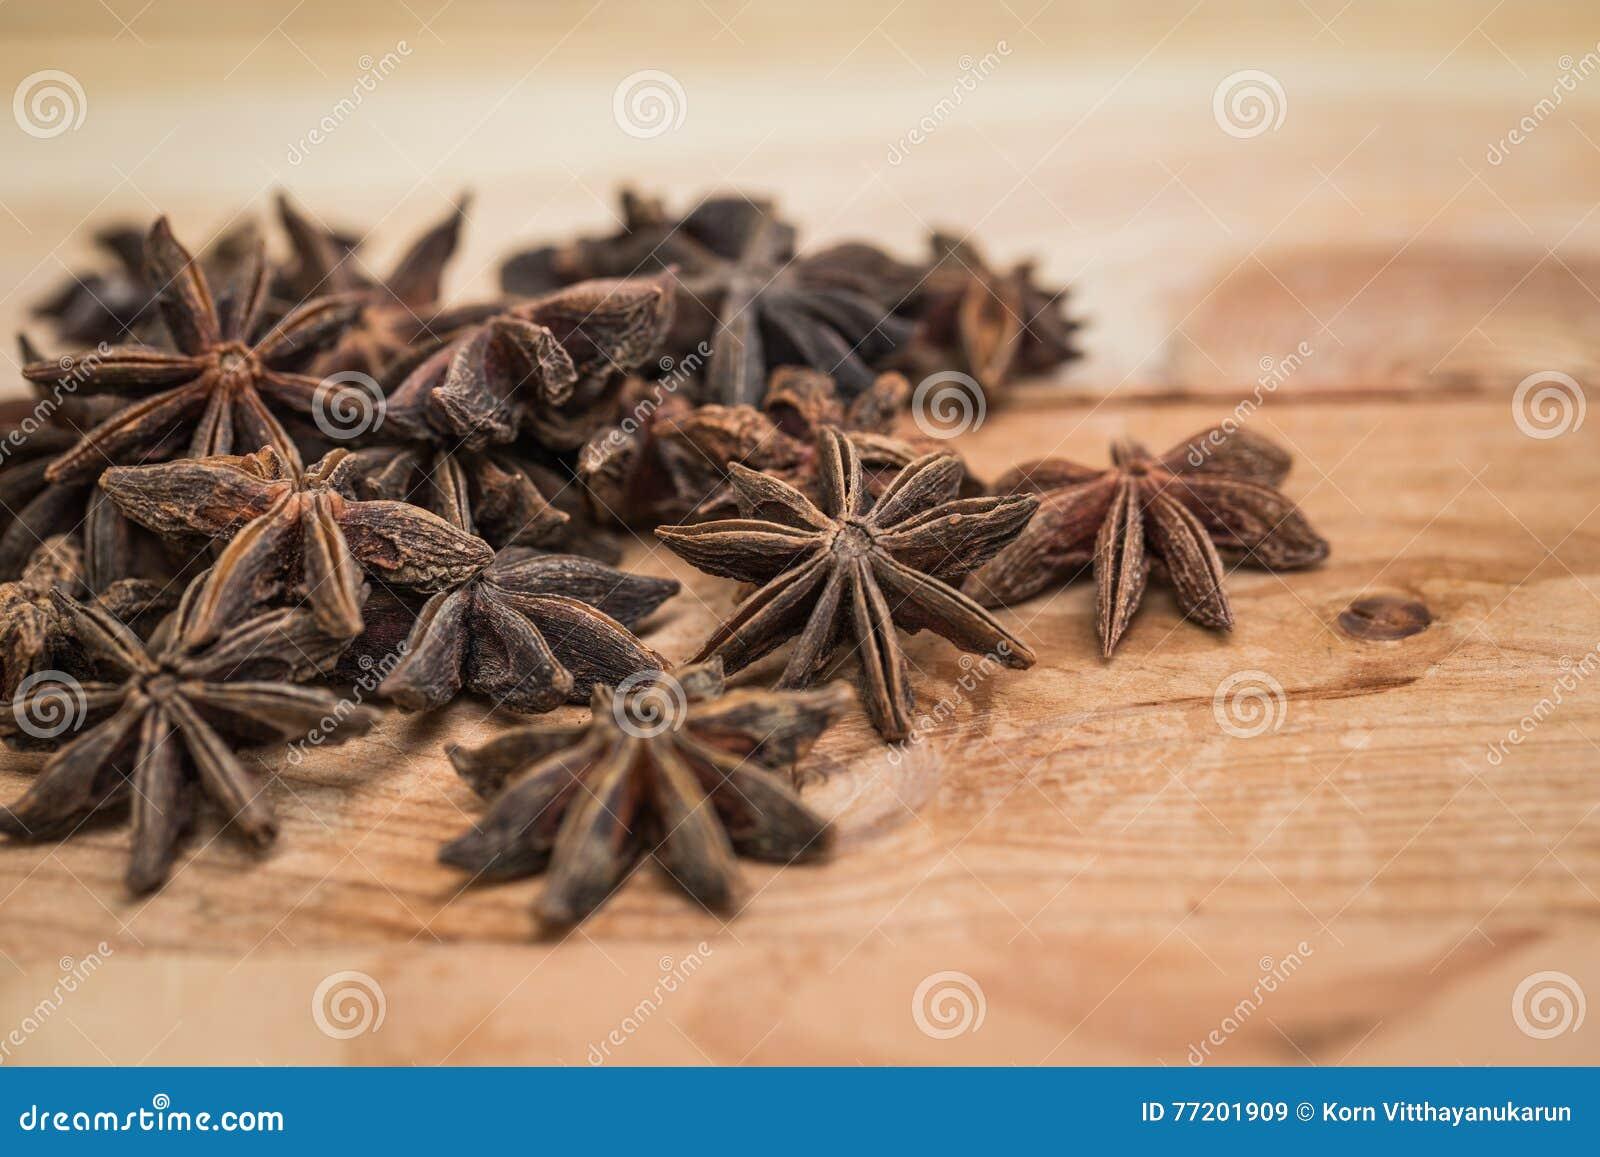 Ξηρό χορτάρι γλυκάνισου αστεριών στο ξύλο για το υπόβαθρο